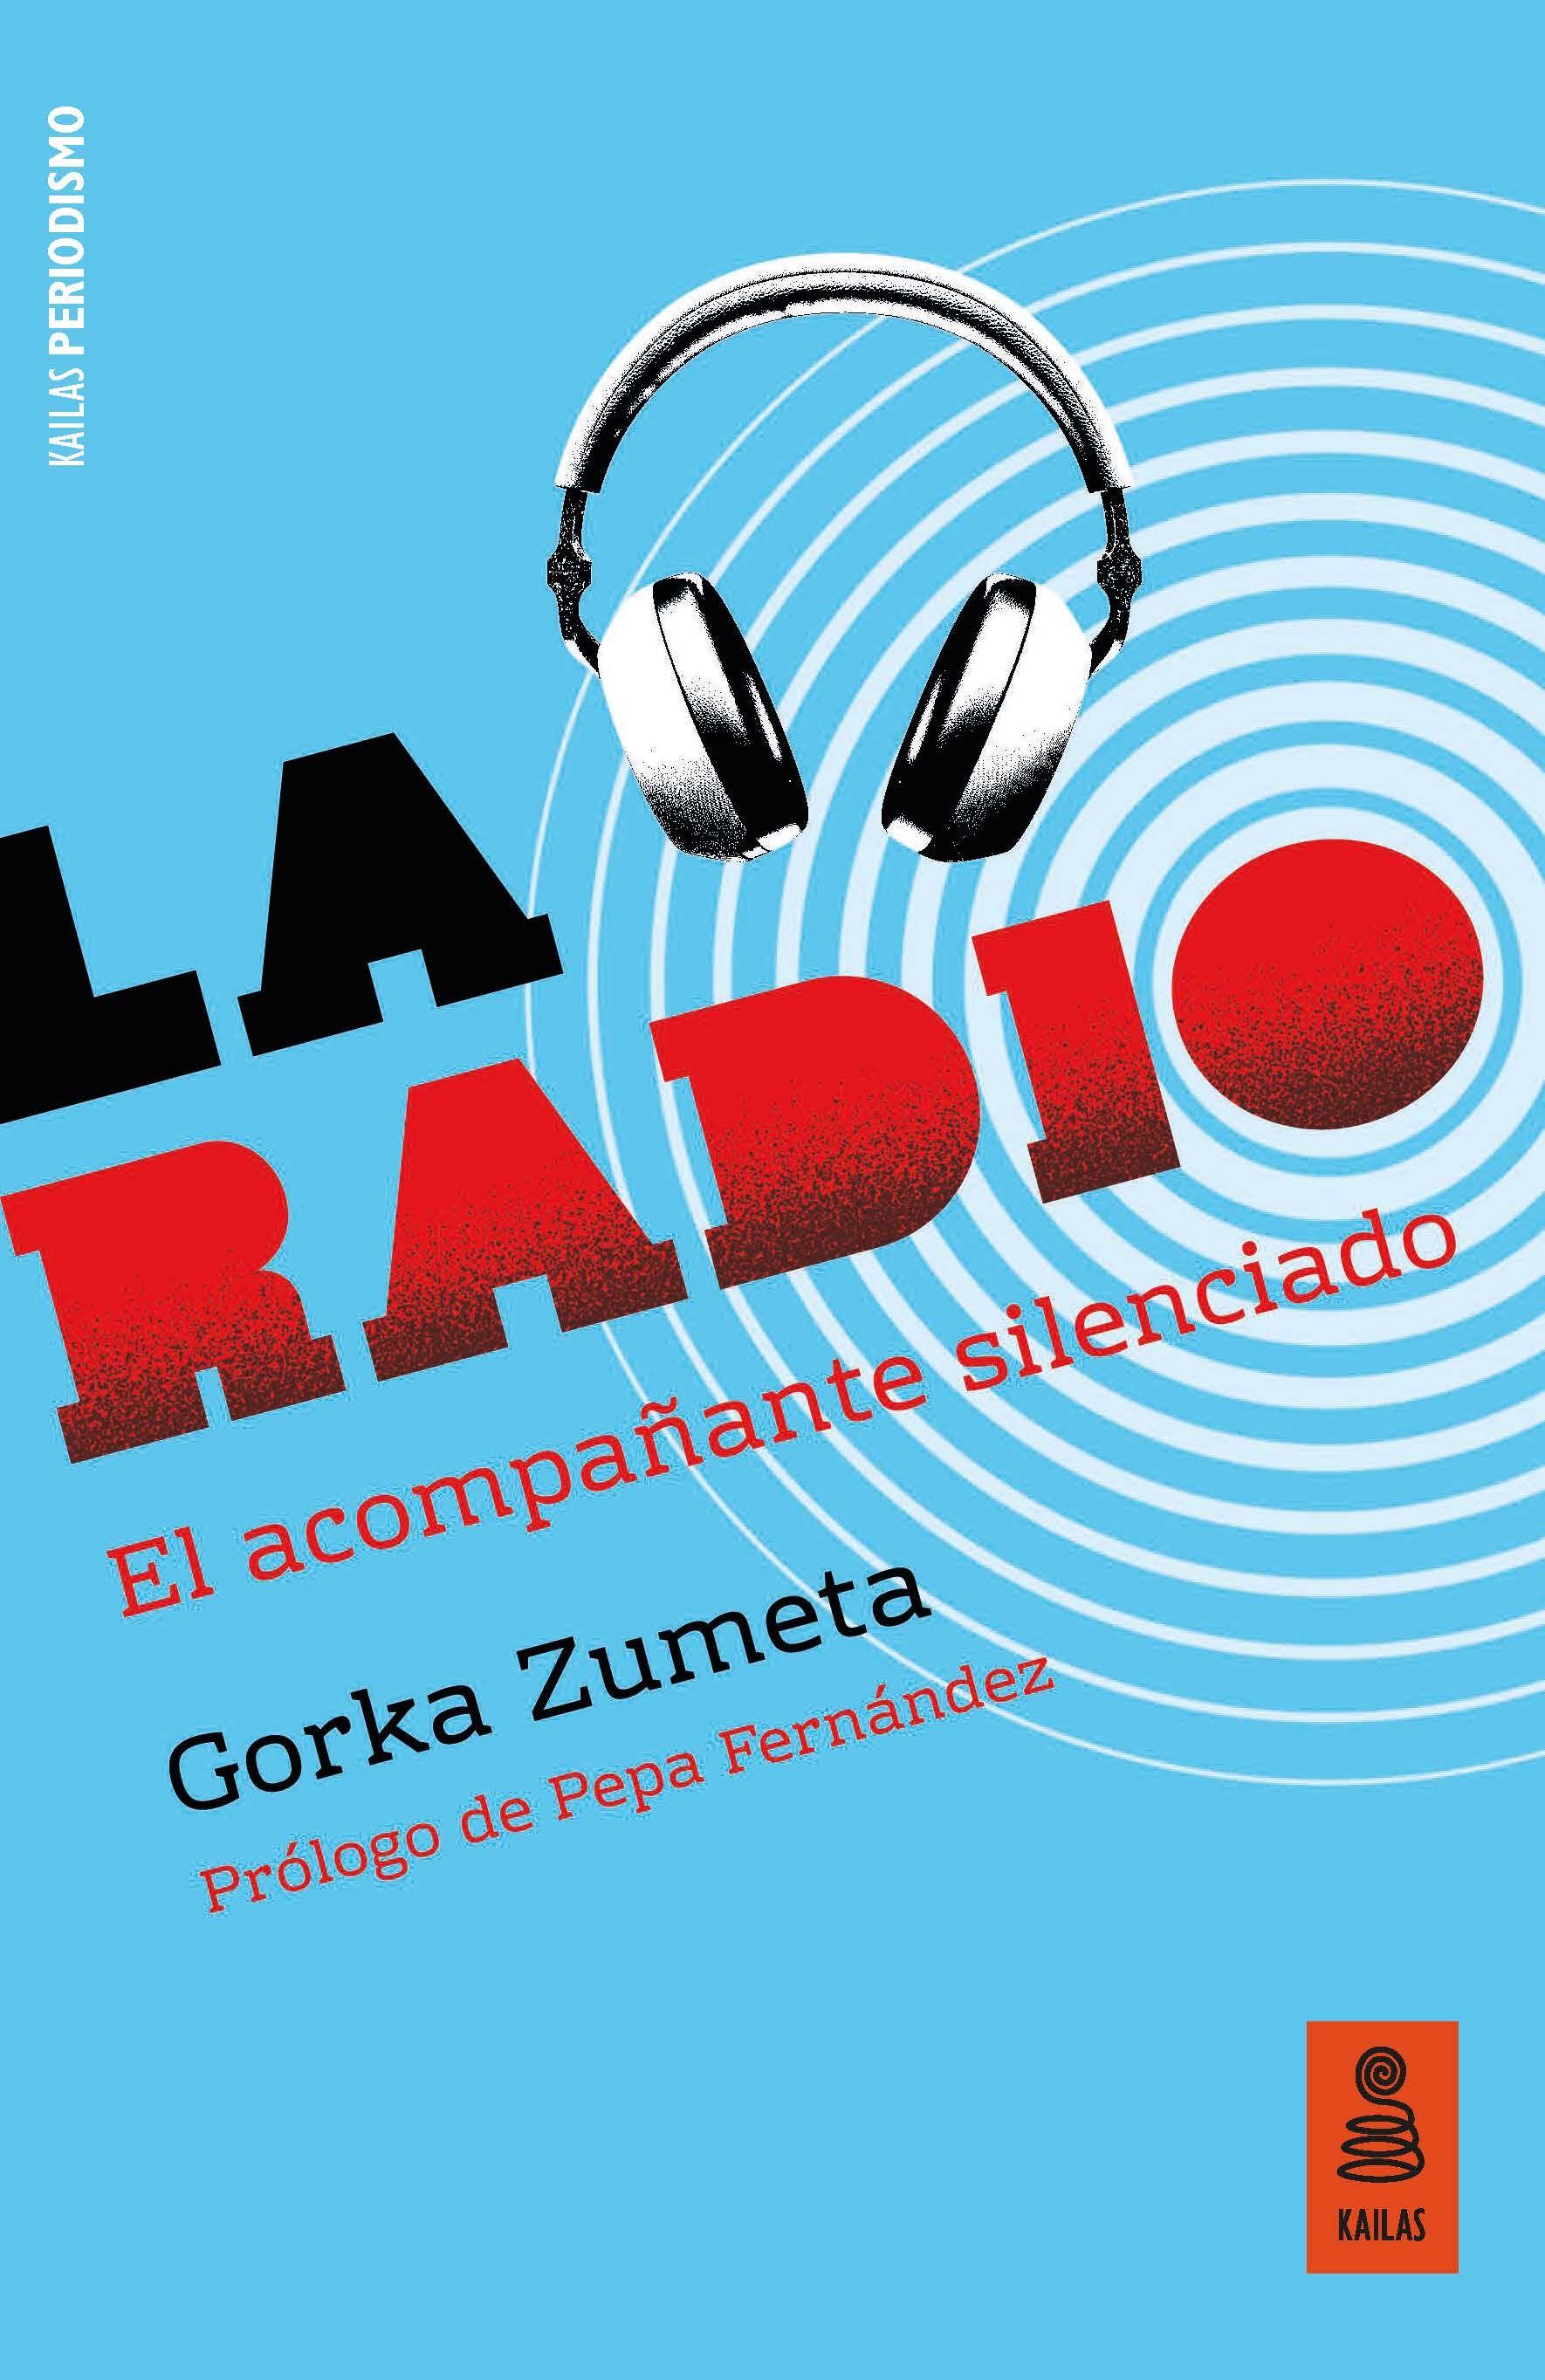 RADIO EL ACOMPAÑANTE SILENCIADO LA